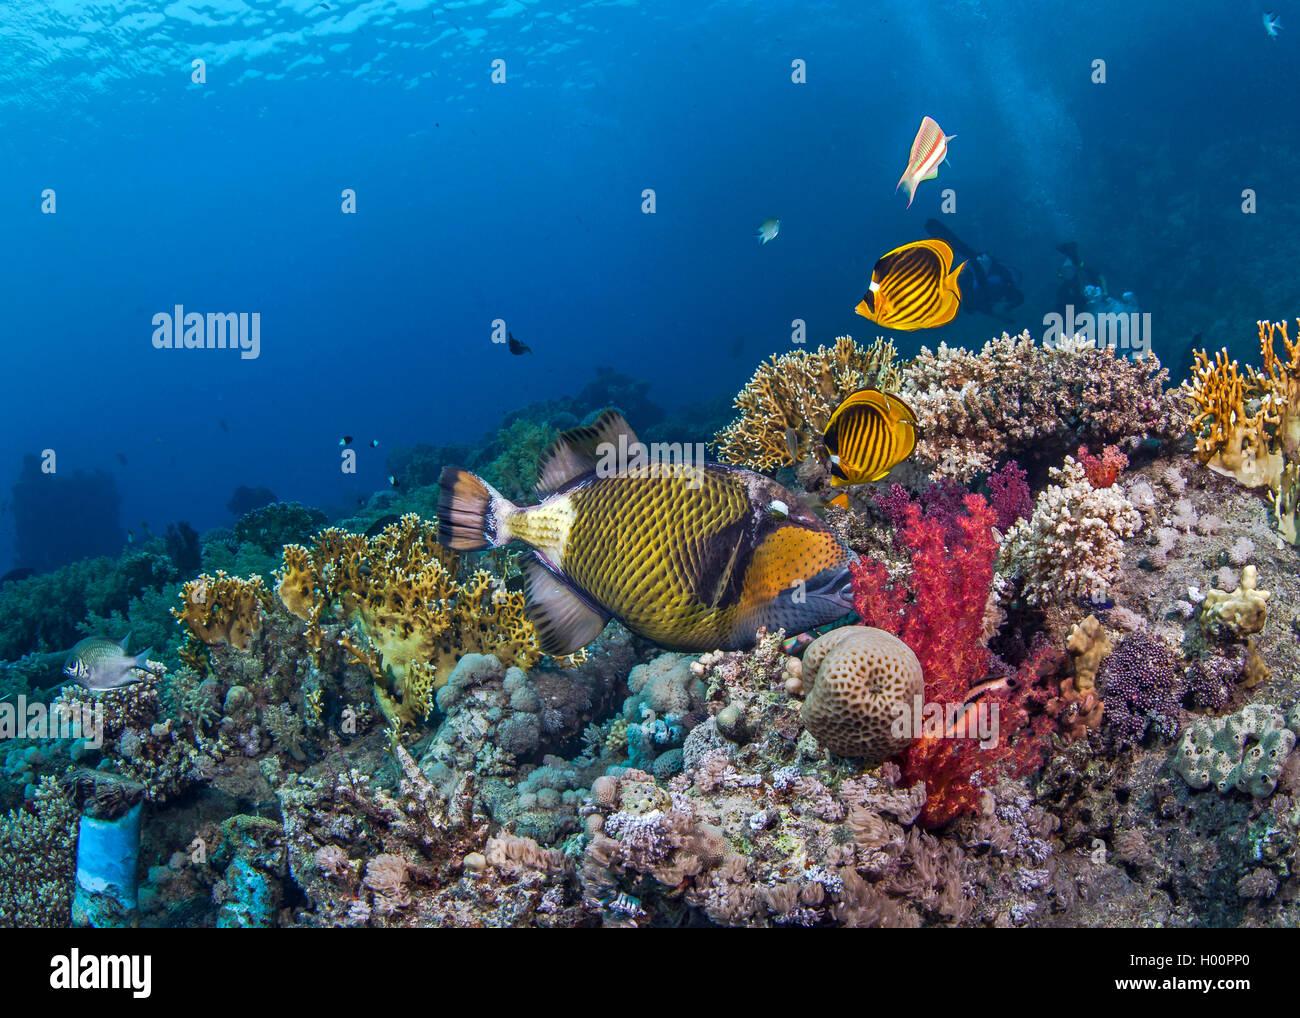 Seasacape di titan pesci balestra alimentare sulla barriera corallina con raccoon butterflyfish svolazzanti sopra. Immagini Stock